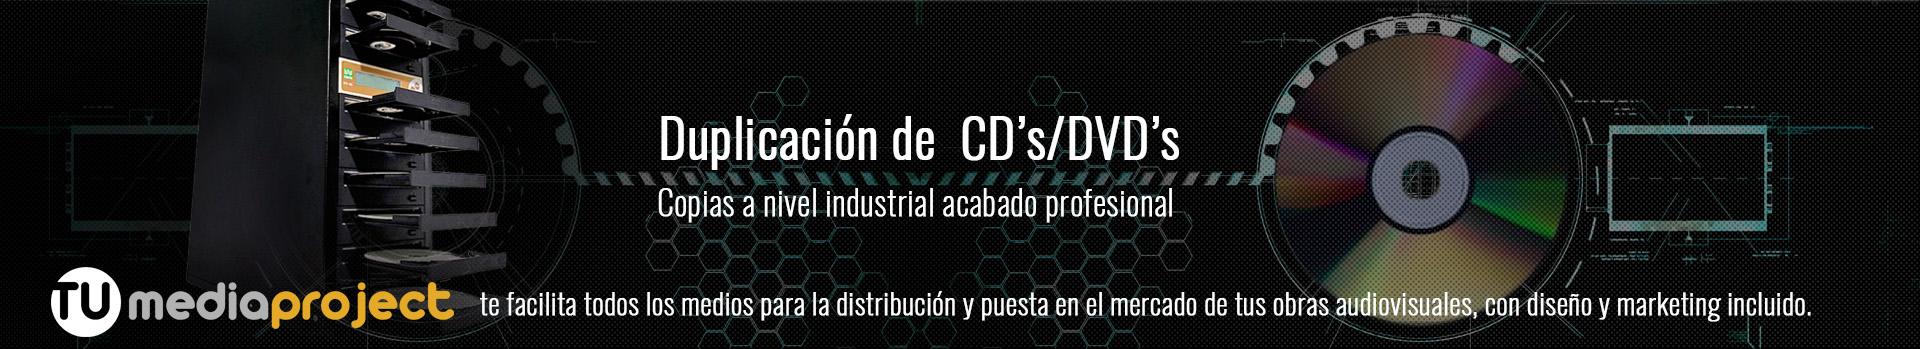 copia cd